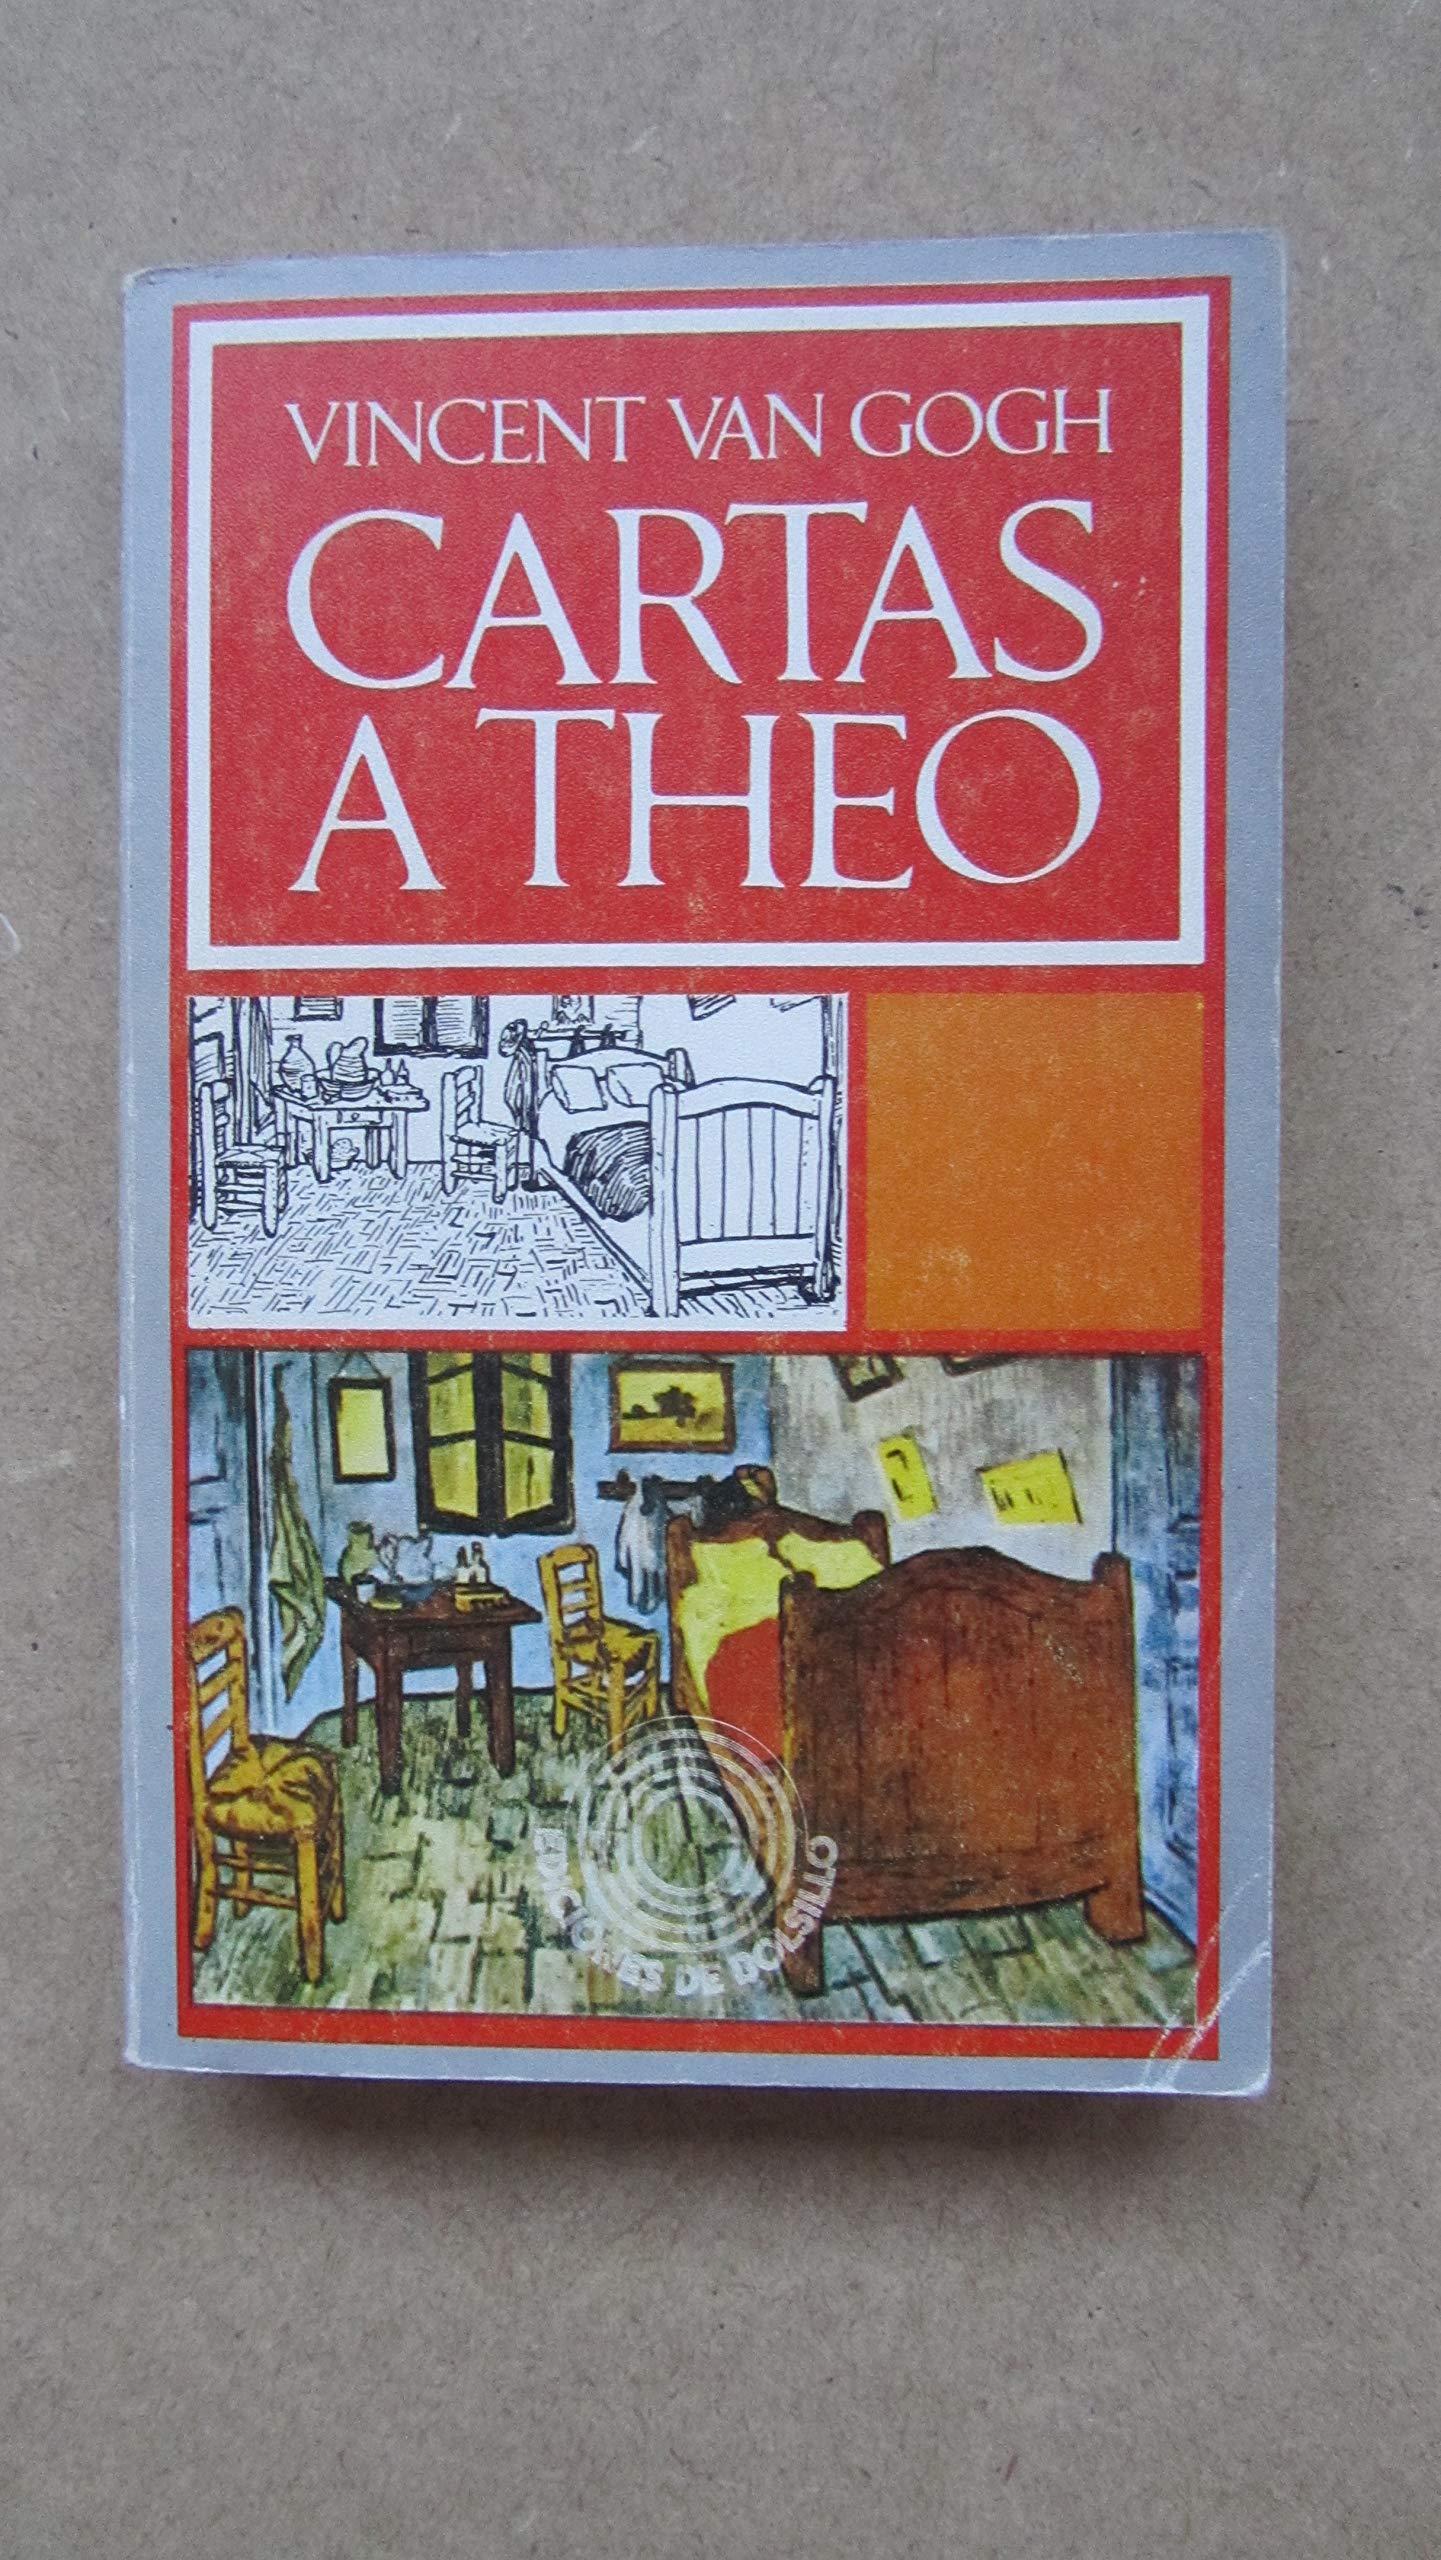 Cartas a theo: Amazon.es: Vicente Van Gogh: Libros